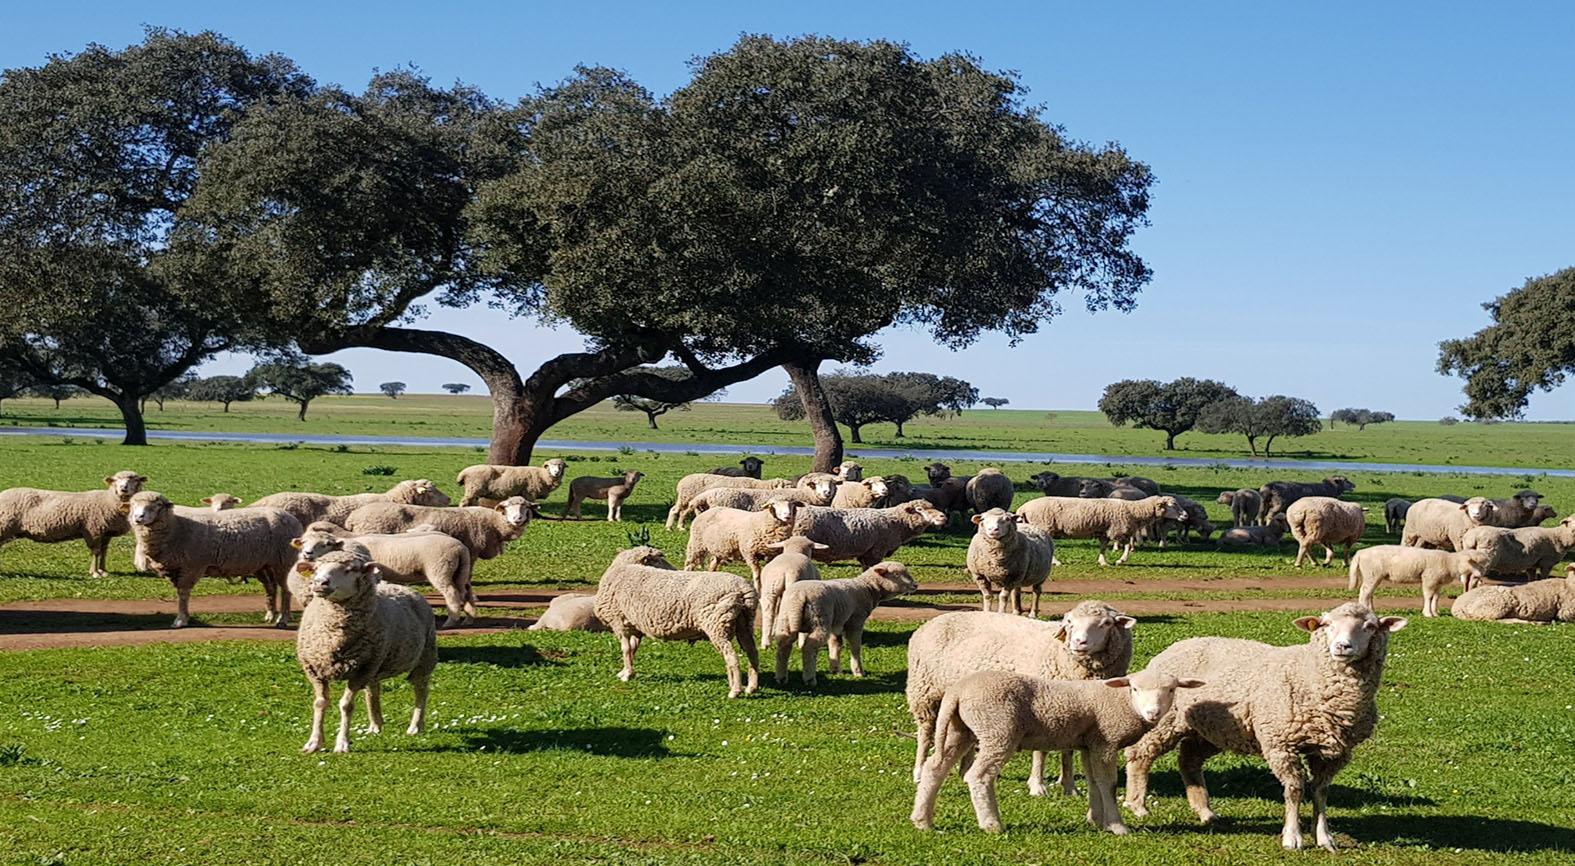 La ganadería no está a salvo de los efectos del coronavirus: miles de ganaderos afrontan la ruina por el cerrojazo de la hostelería